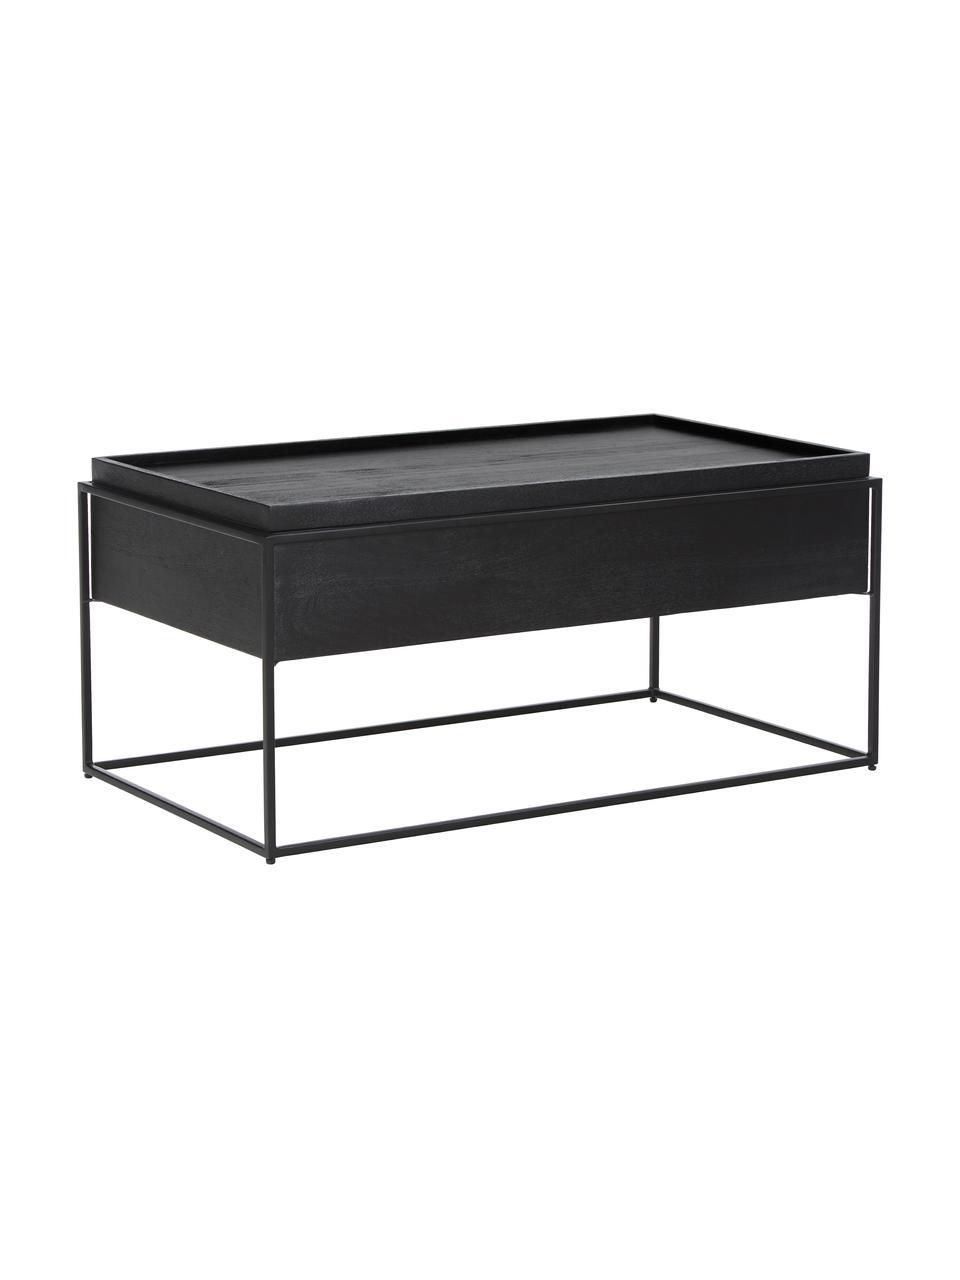 Tavolino da salotto con contenitore Theo, Struttura: metallo verniciato a polv, Corpo: legno di mango dipinto di nero Struttura: nero opaco, Larg. 100 x Alt. 45 cm